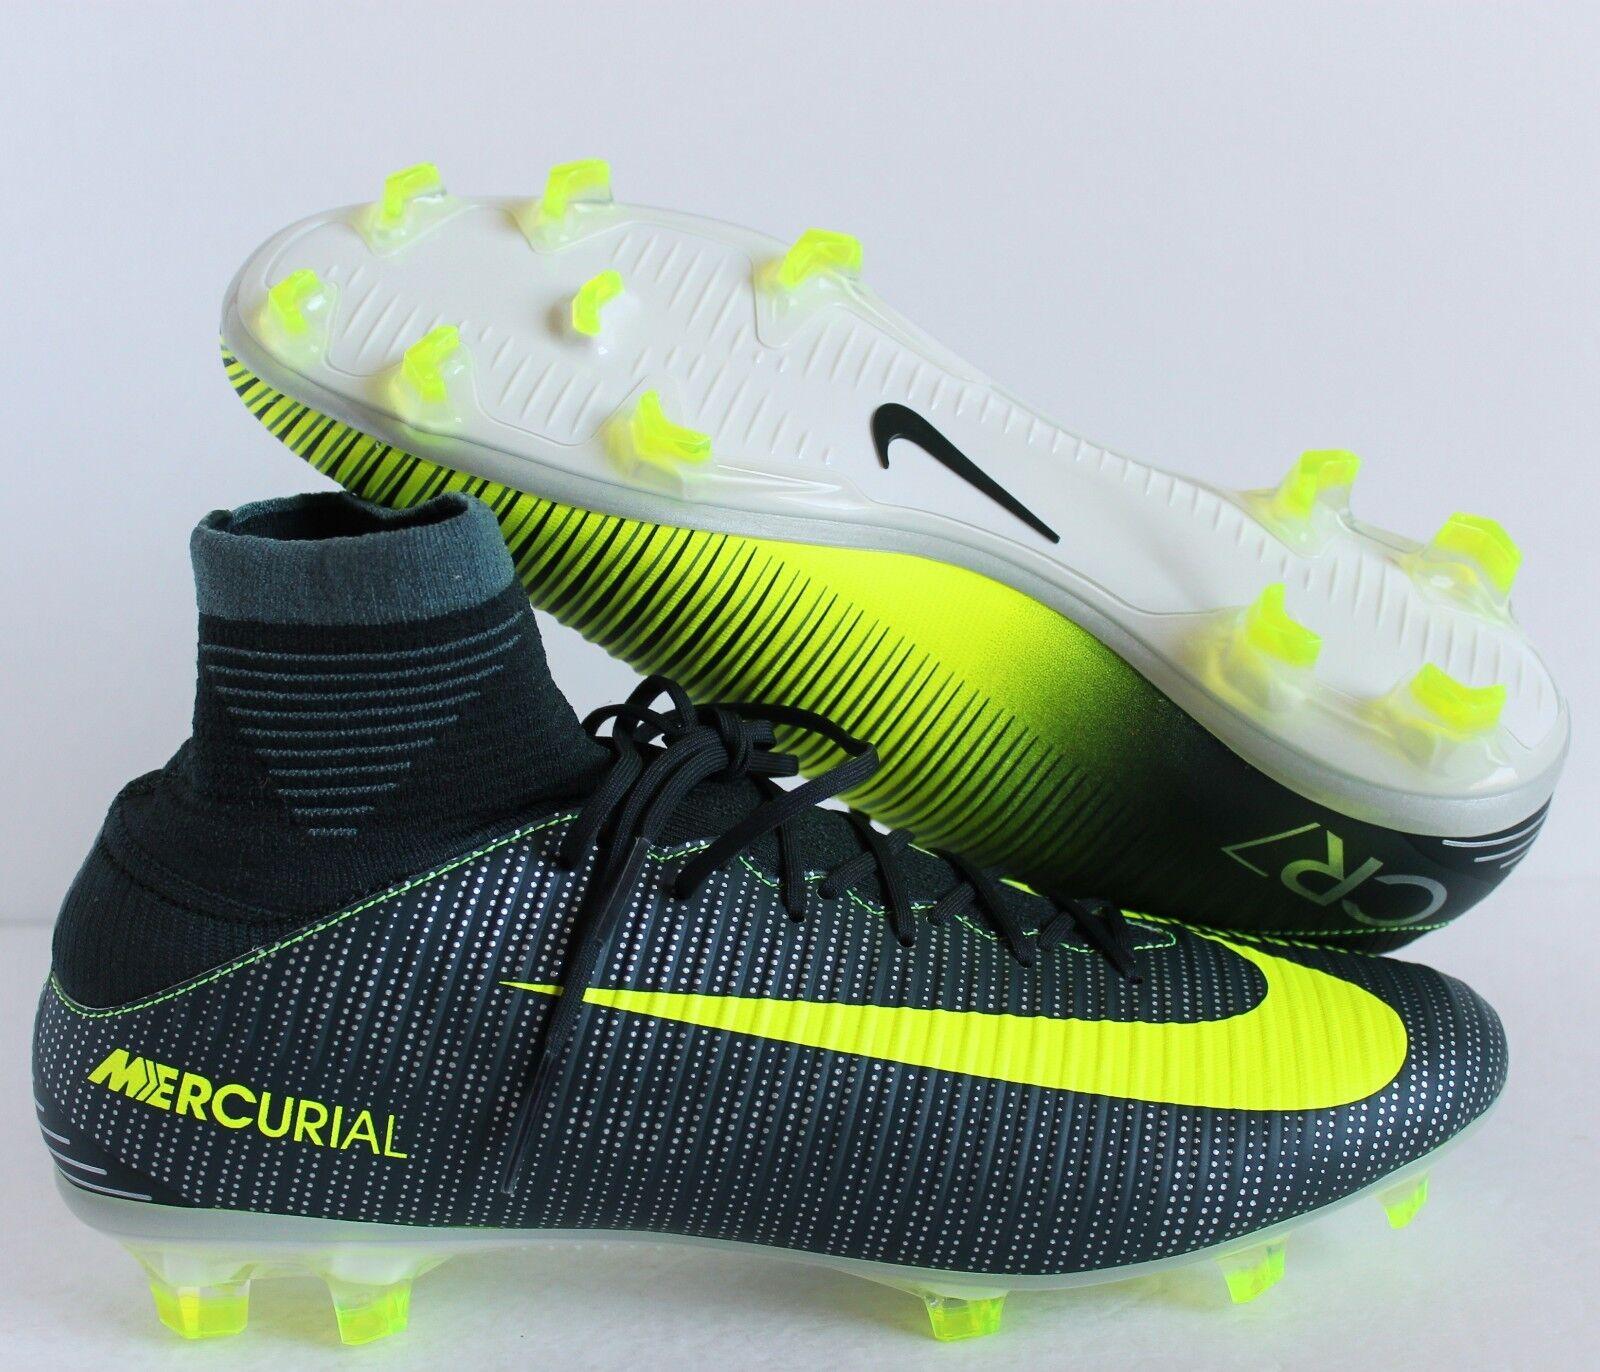 Nike volubile veloce iii di cr7 fg scarpini da calcio sz 9 [852518-376]